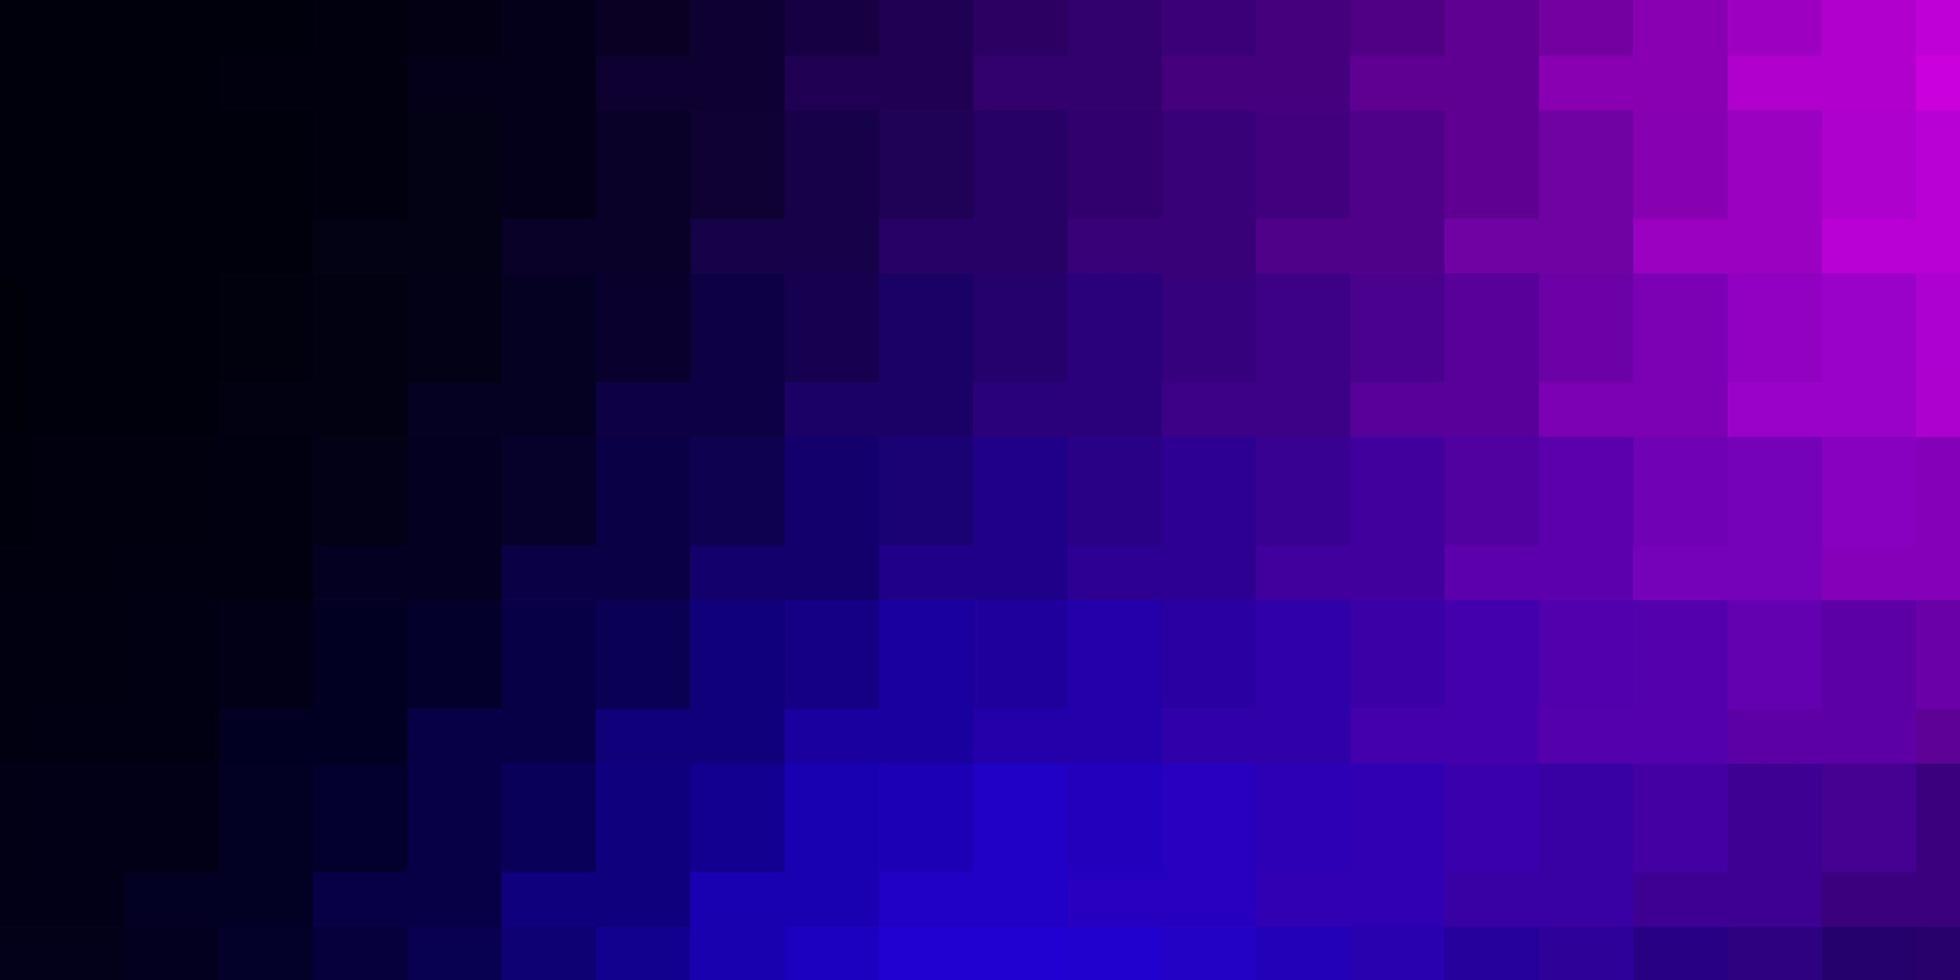 plantilla de vector rosa claro, azul en rectángulos.